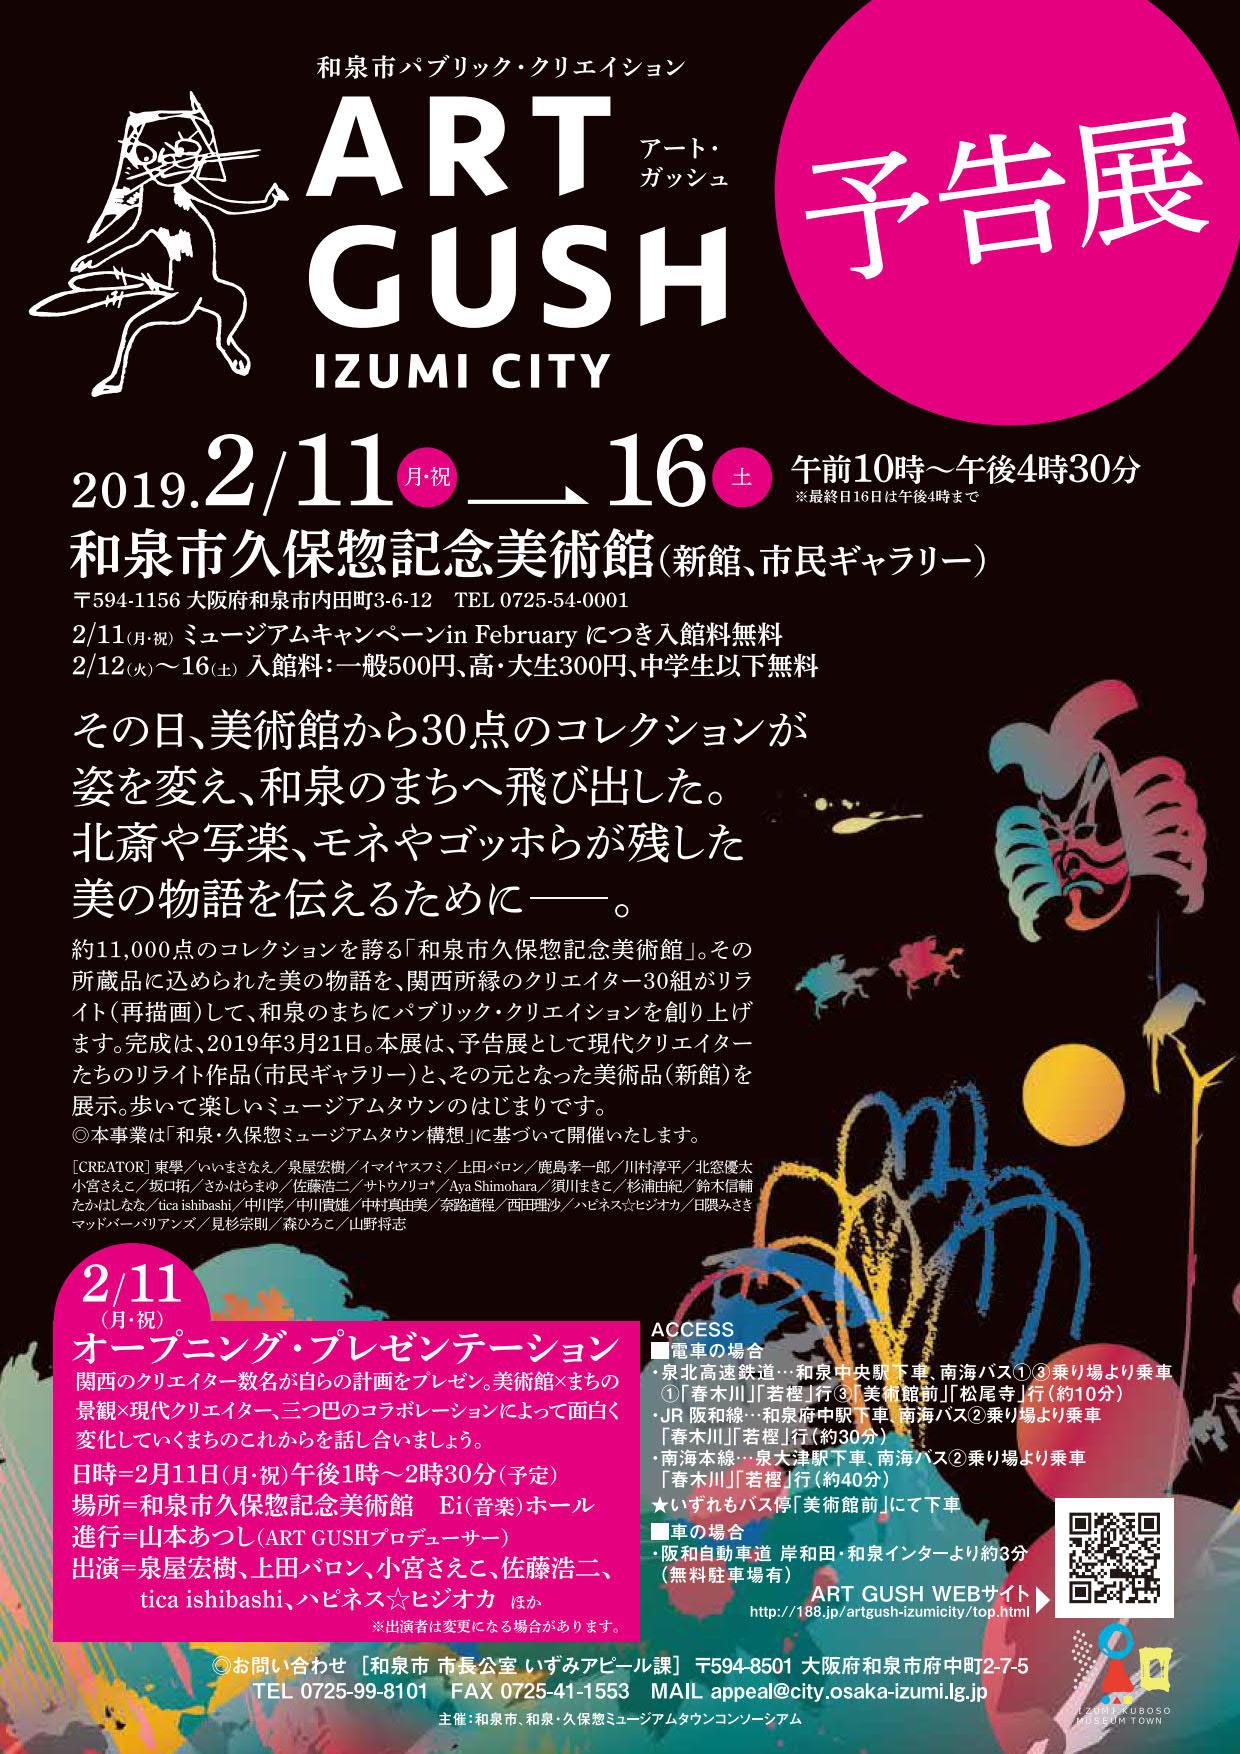 【終了】2019 ART GUSH IZUMI CITY  アートガッシュ(和泉・久保惣ミュージアムタウンイベント】